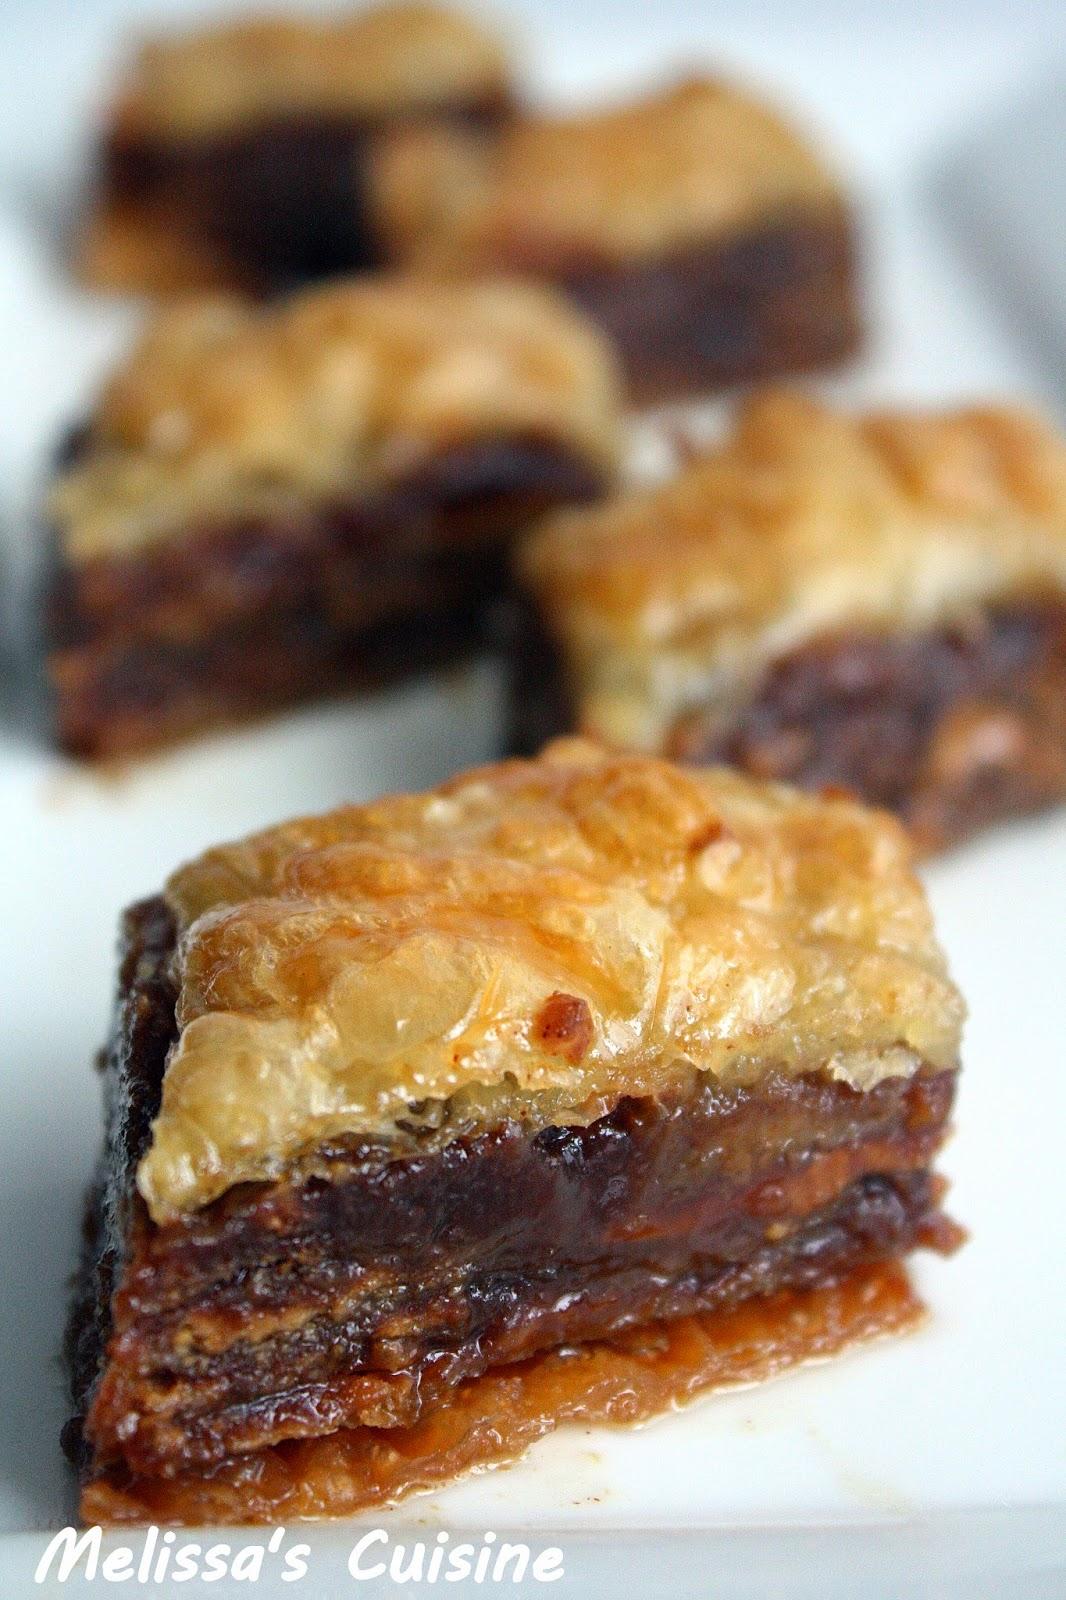 Melissa's Cuisine: Biscoff Baklava